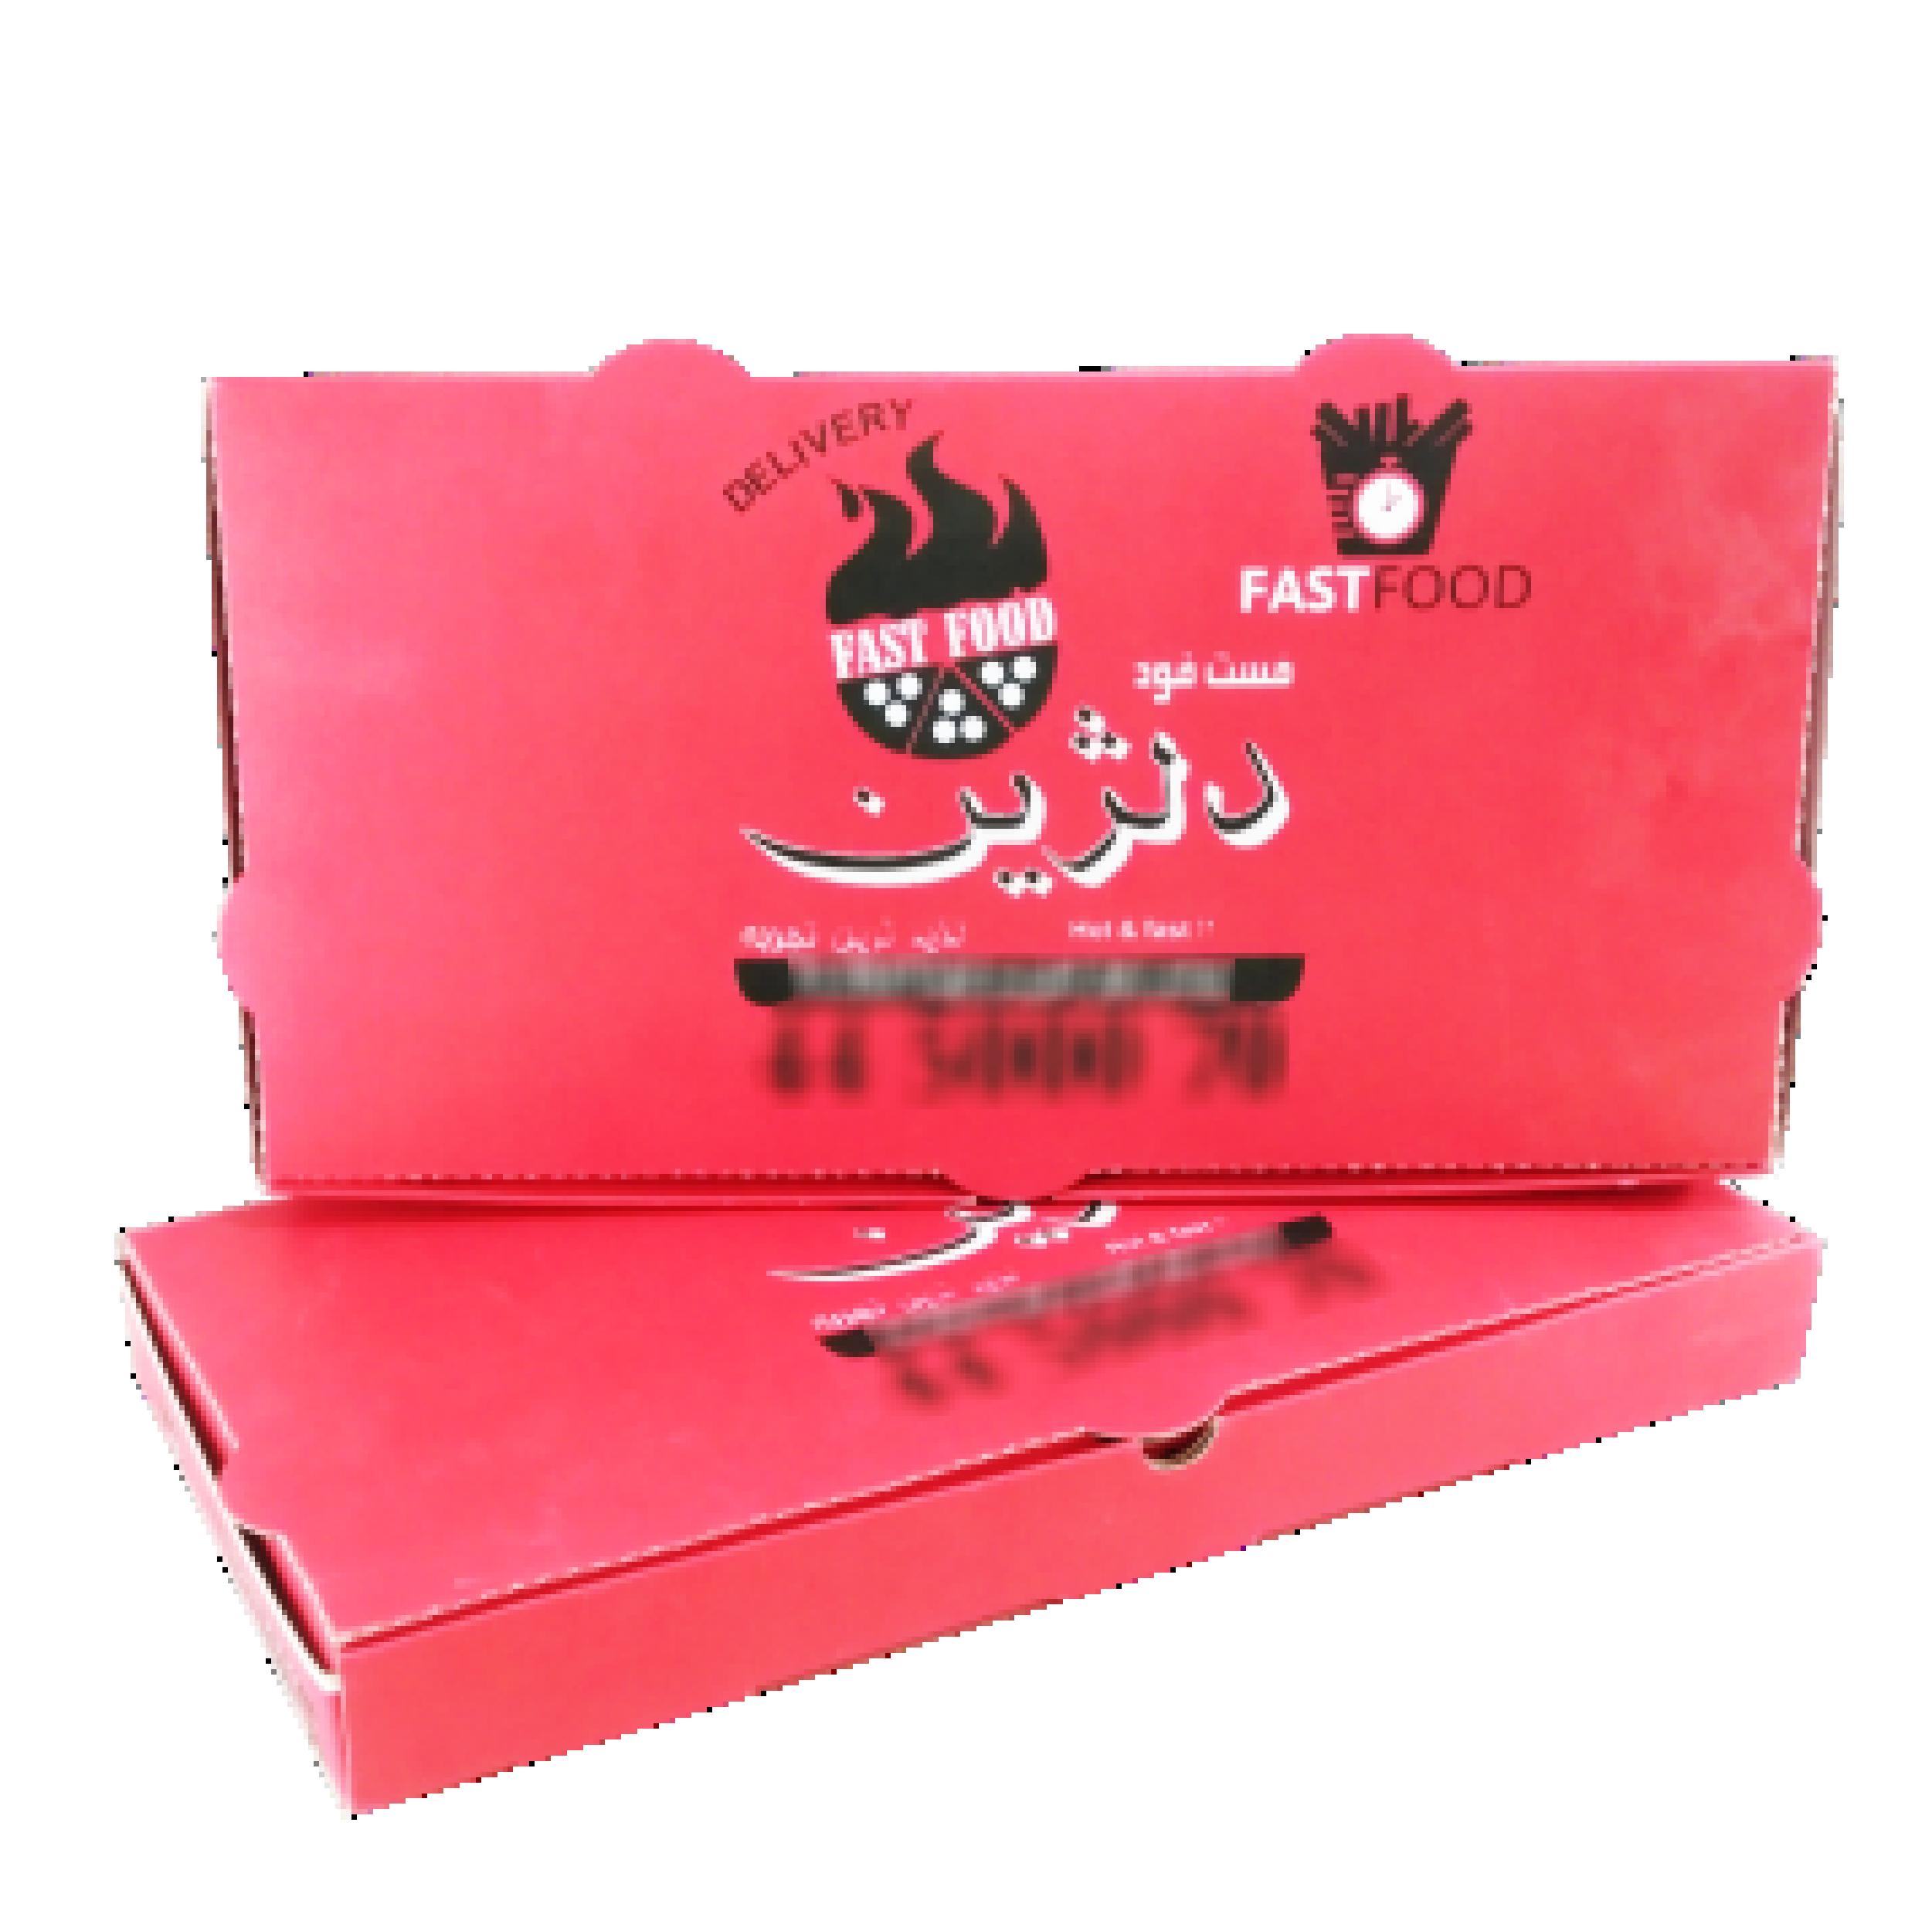 جعبه پیتزا مستطیلی 0۳ - جعبه پیتزا - تولید کننده جعبه پیتزا ارزان و با کیفیت